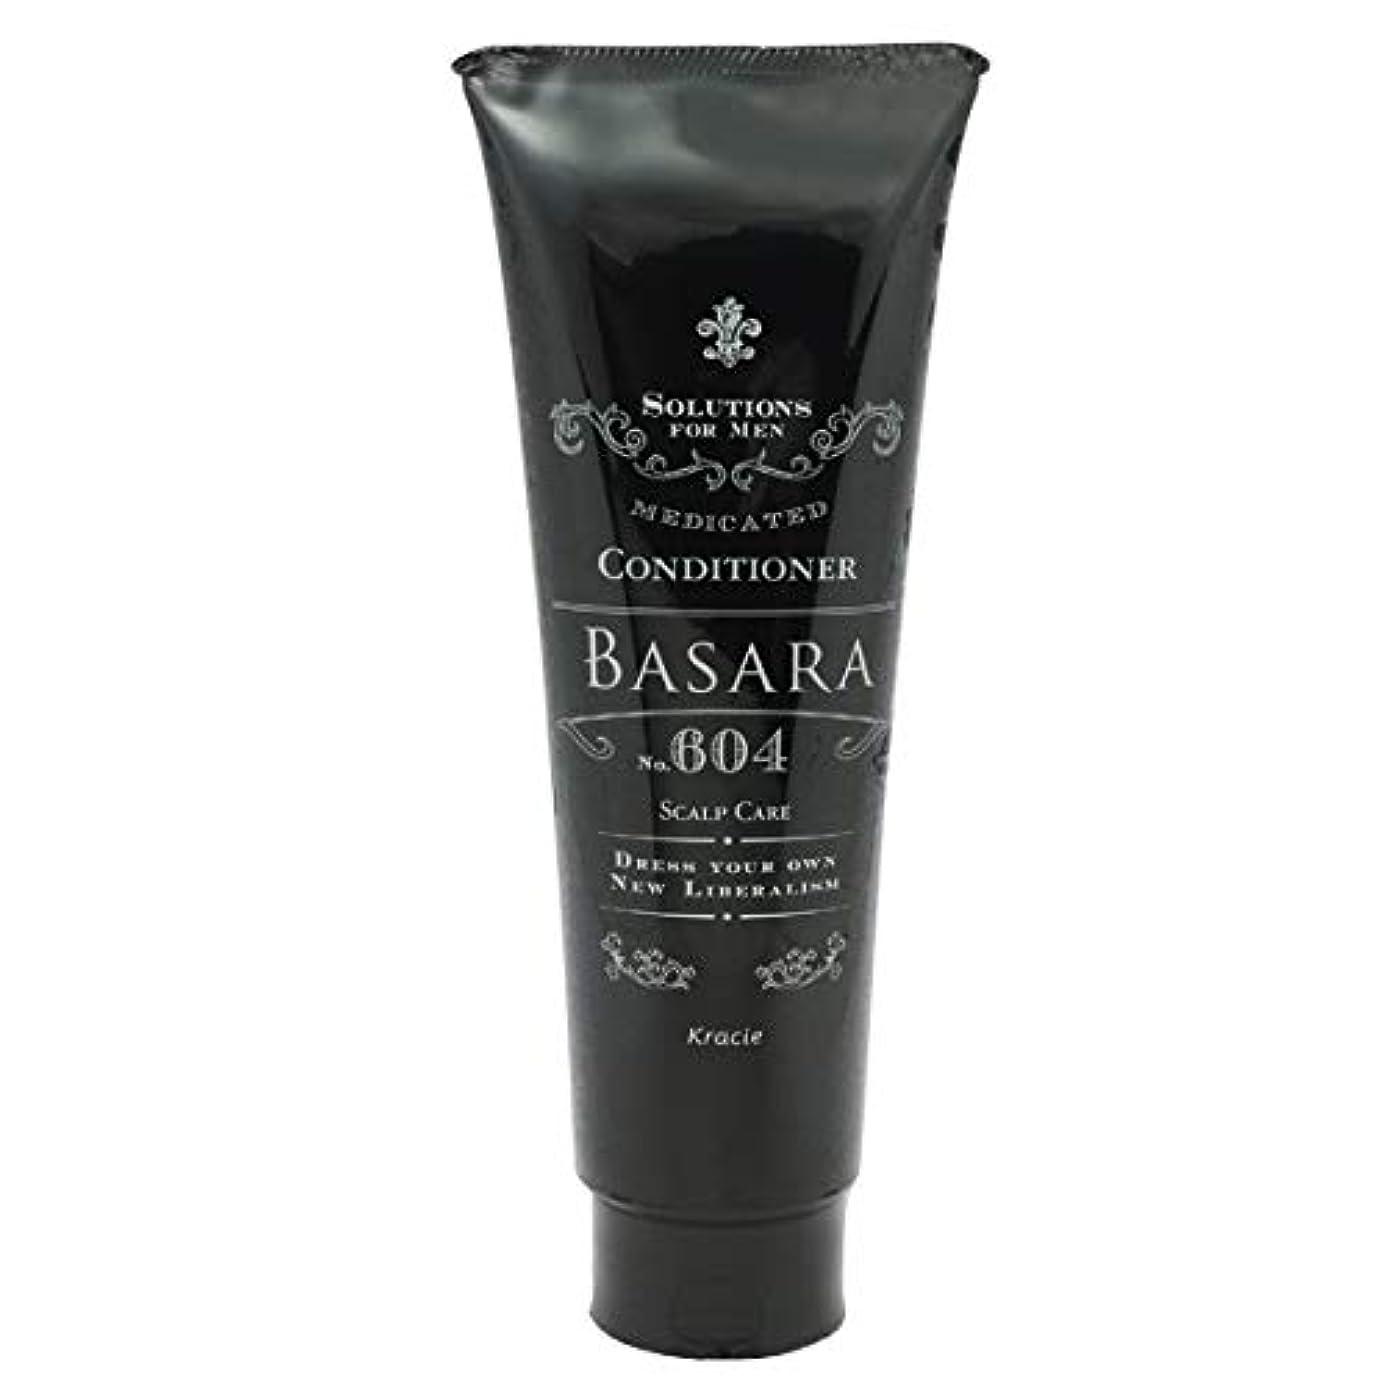 自分の敗北印象的サロンモード(Salon Mode) クラシエ バサラ 薬用スカルプ コンディショナー 604 250g